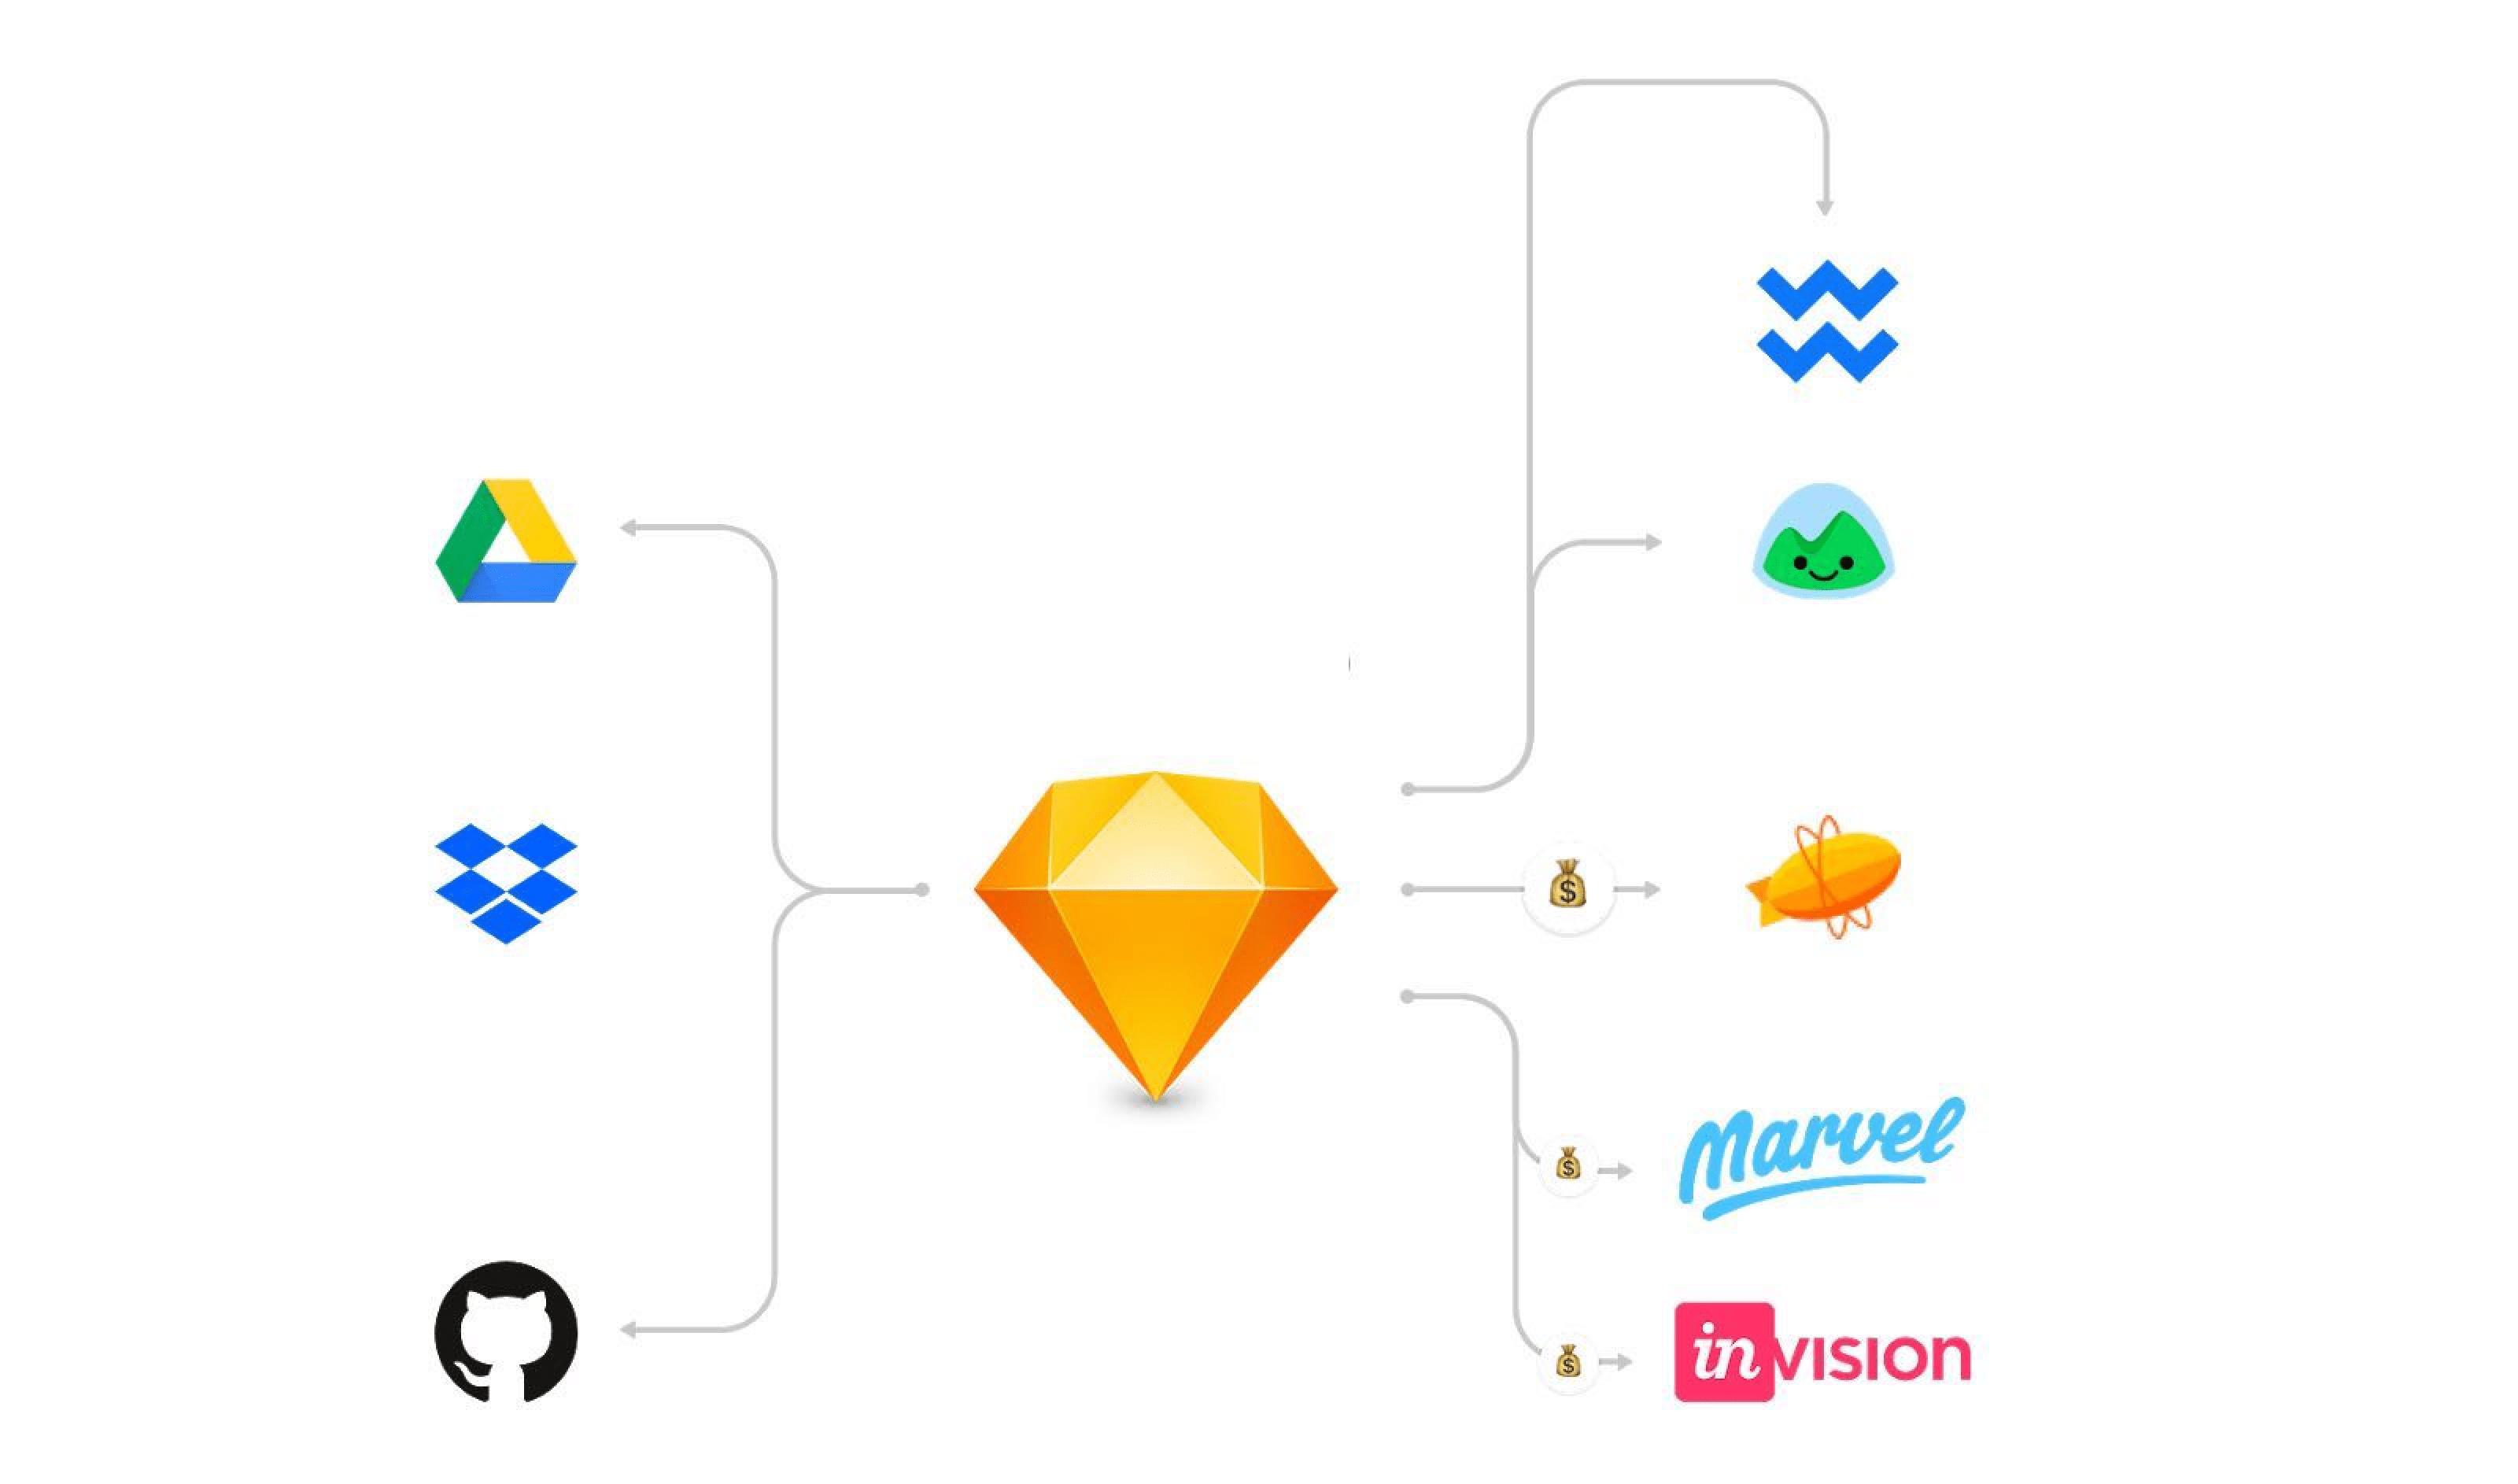 Design ecosystem for Sketch